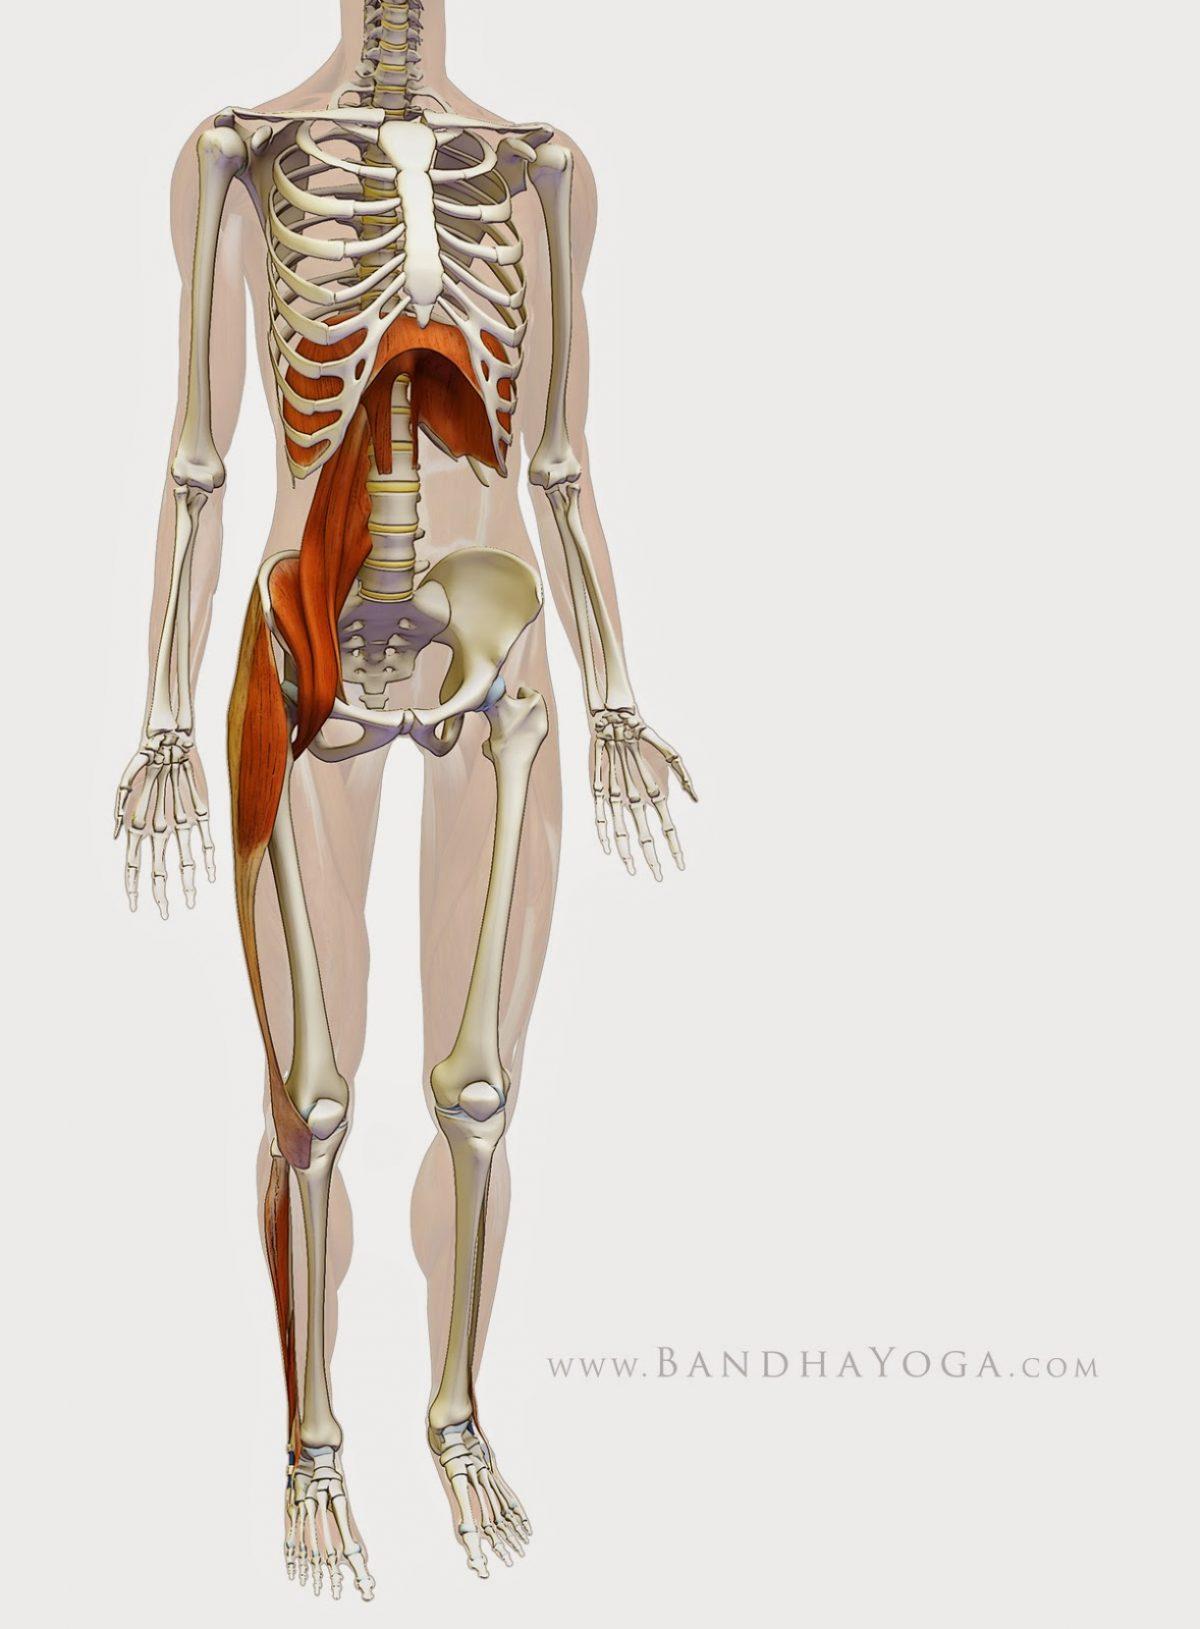 Ψοΐτης μυς: Ο μυς της Ψυχής – Η σημασία του ψοΐτη μυ για την υγεία, τη ζωτικότητα και τη συναισθηματική ευεξία μας.